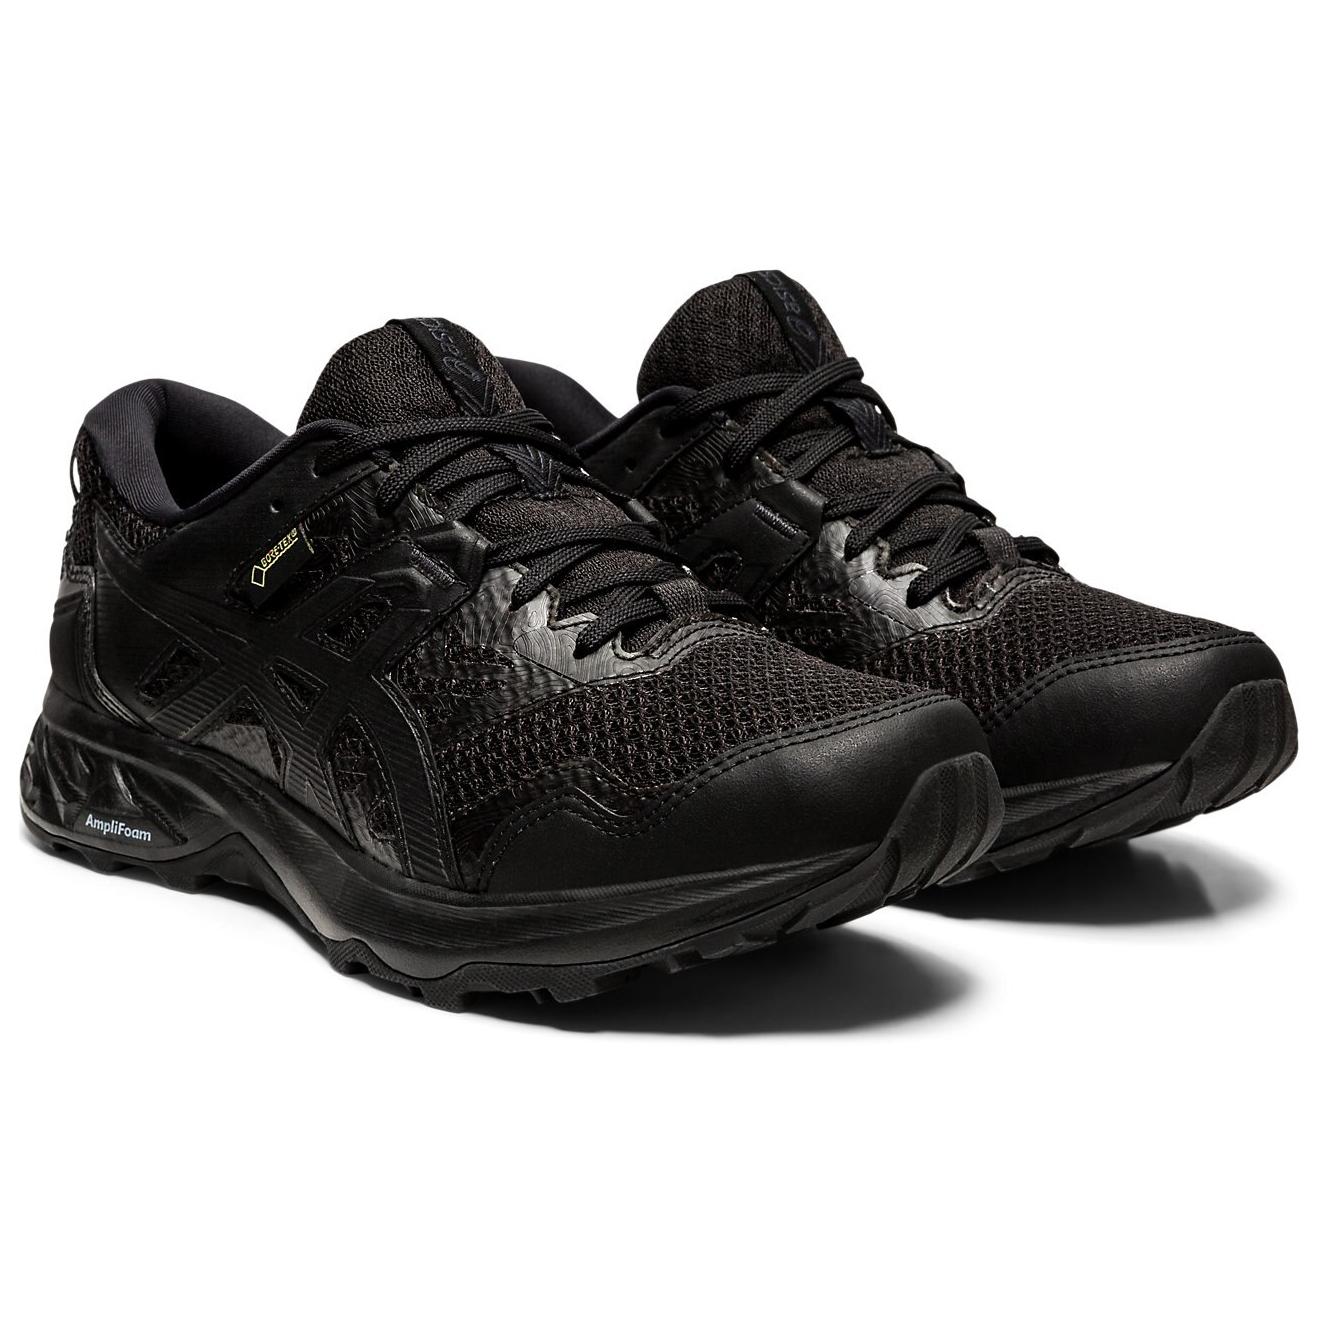 Asics Gel-Sonoma 5 GTX - Trail running shoes Women's | Buy online ...